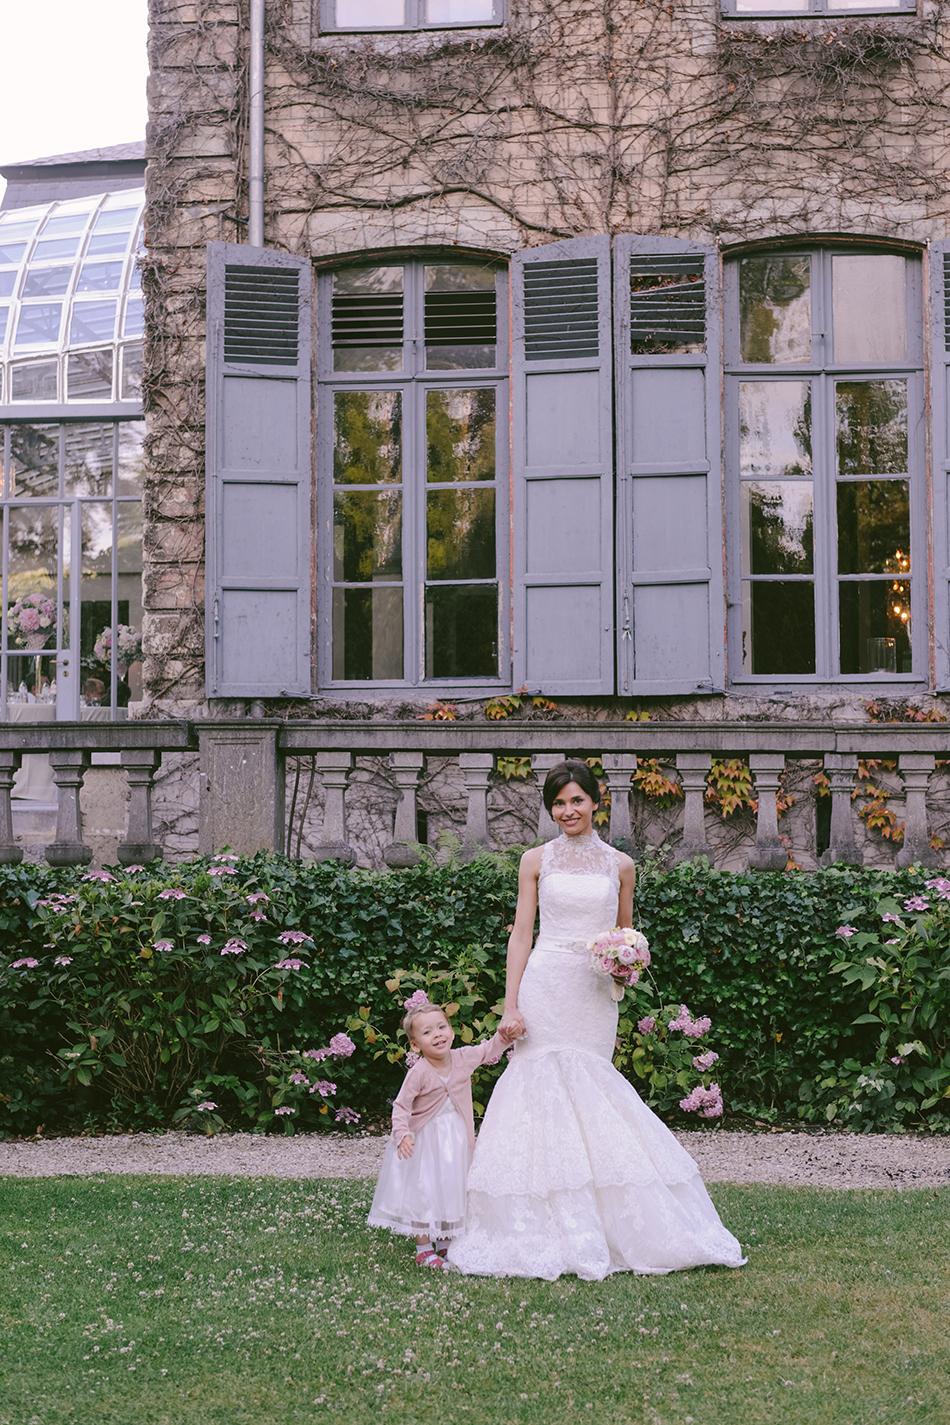 AD Passion Photography | ben-si-alla-nunta-bruxelles-photographie-de-mariage-bruxelles_0144 | Adelin, Dida, fotograf profesionist, fotograf de nunta, fotografie de nunta, fotograf Timisoara, fotograf Craiova, fotograf Bucuresti, fotograf Arad, nunta Timisoara, nunta Arad, nunta Bucuresti, nunta Craiova